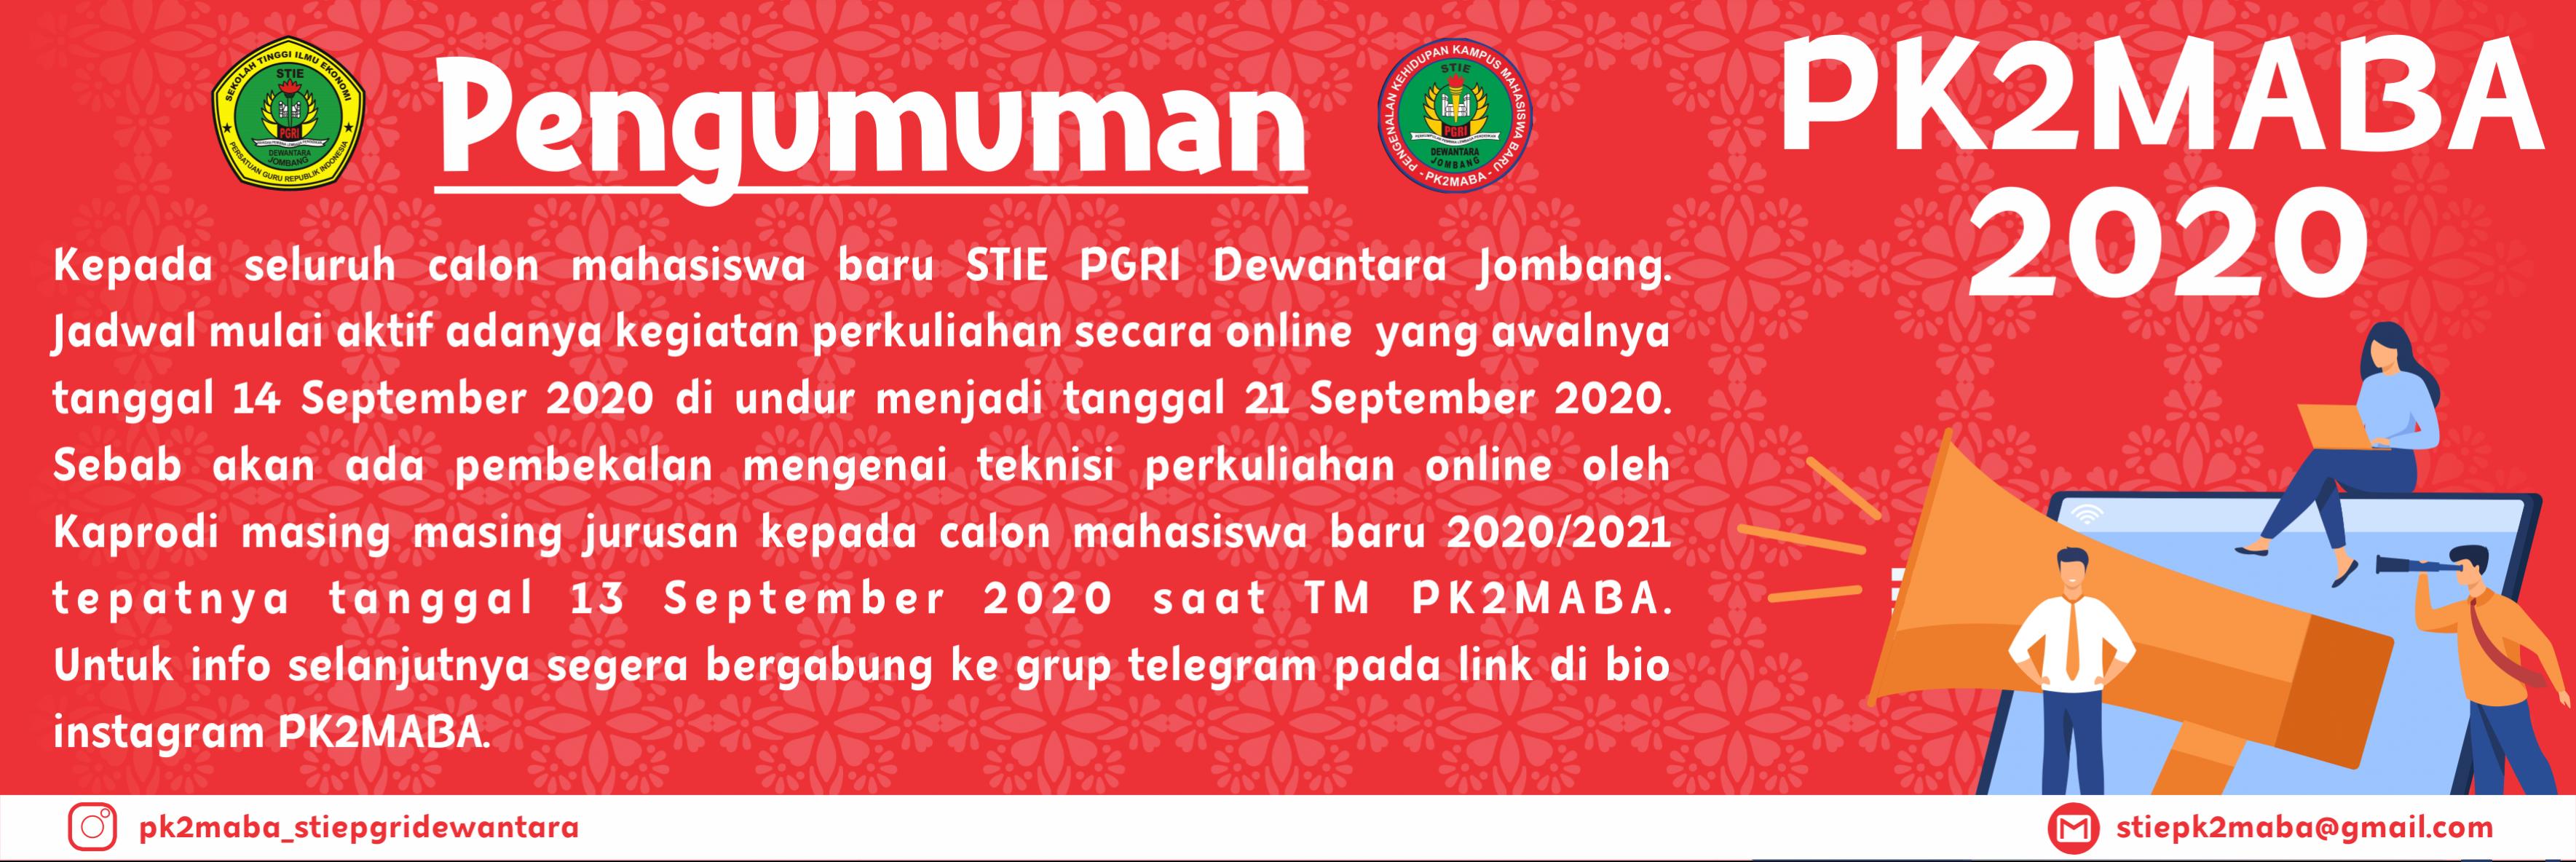 PENGUMUMAN INFORMASI PK2MABA